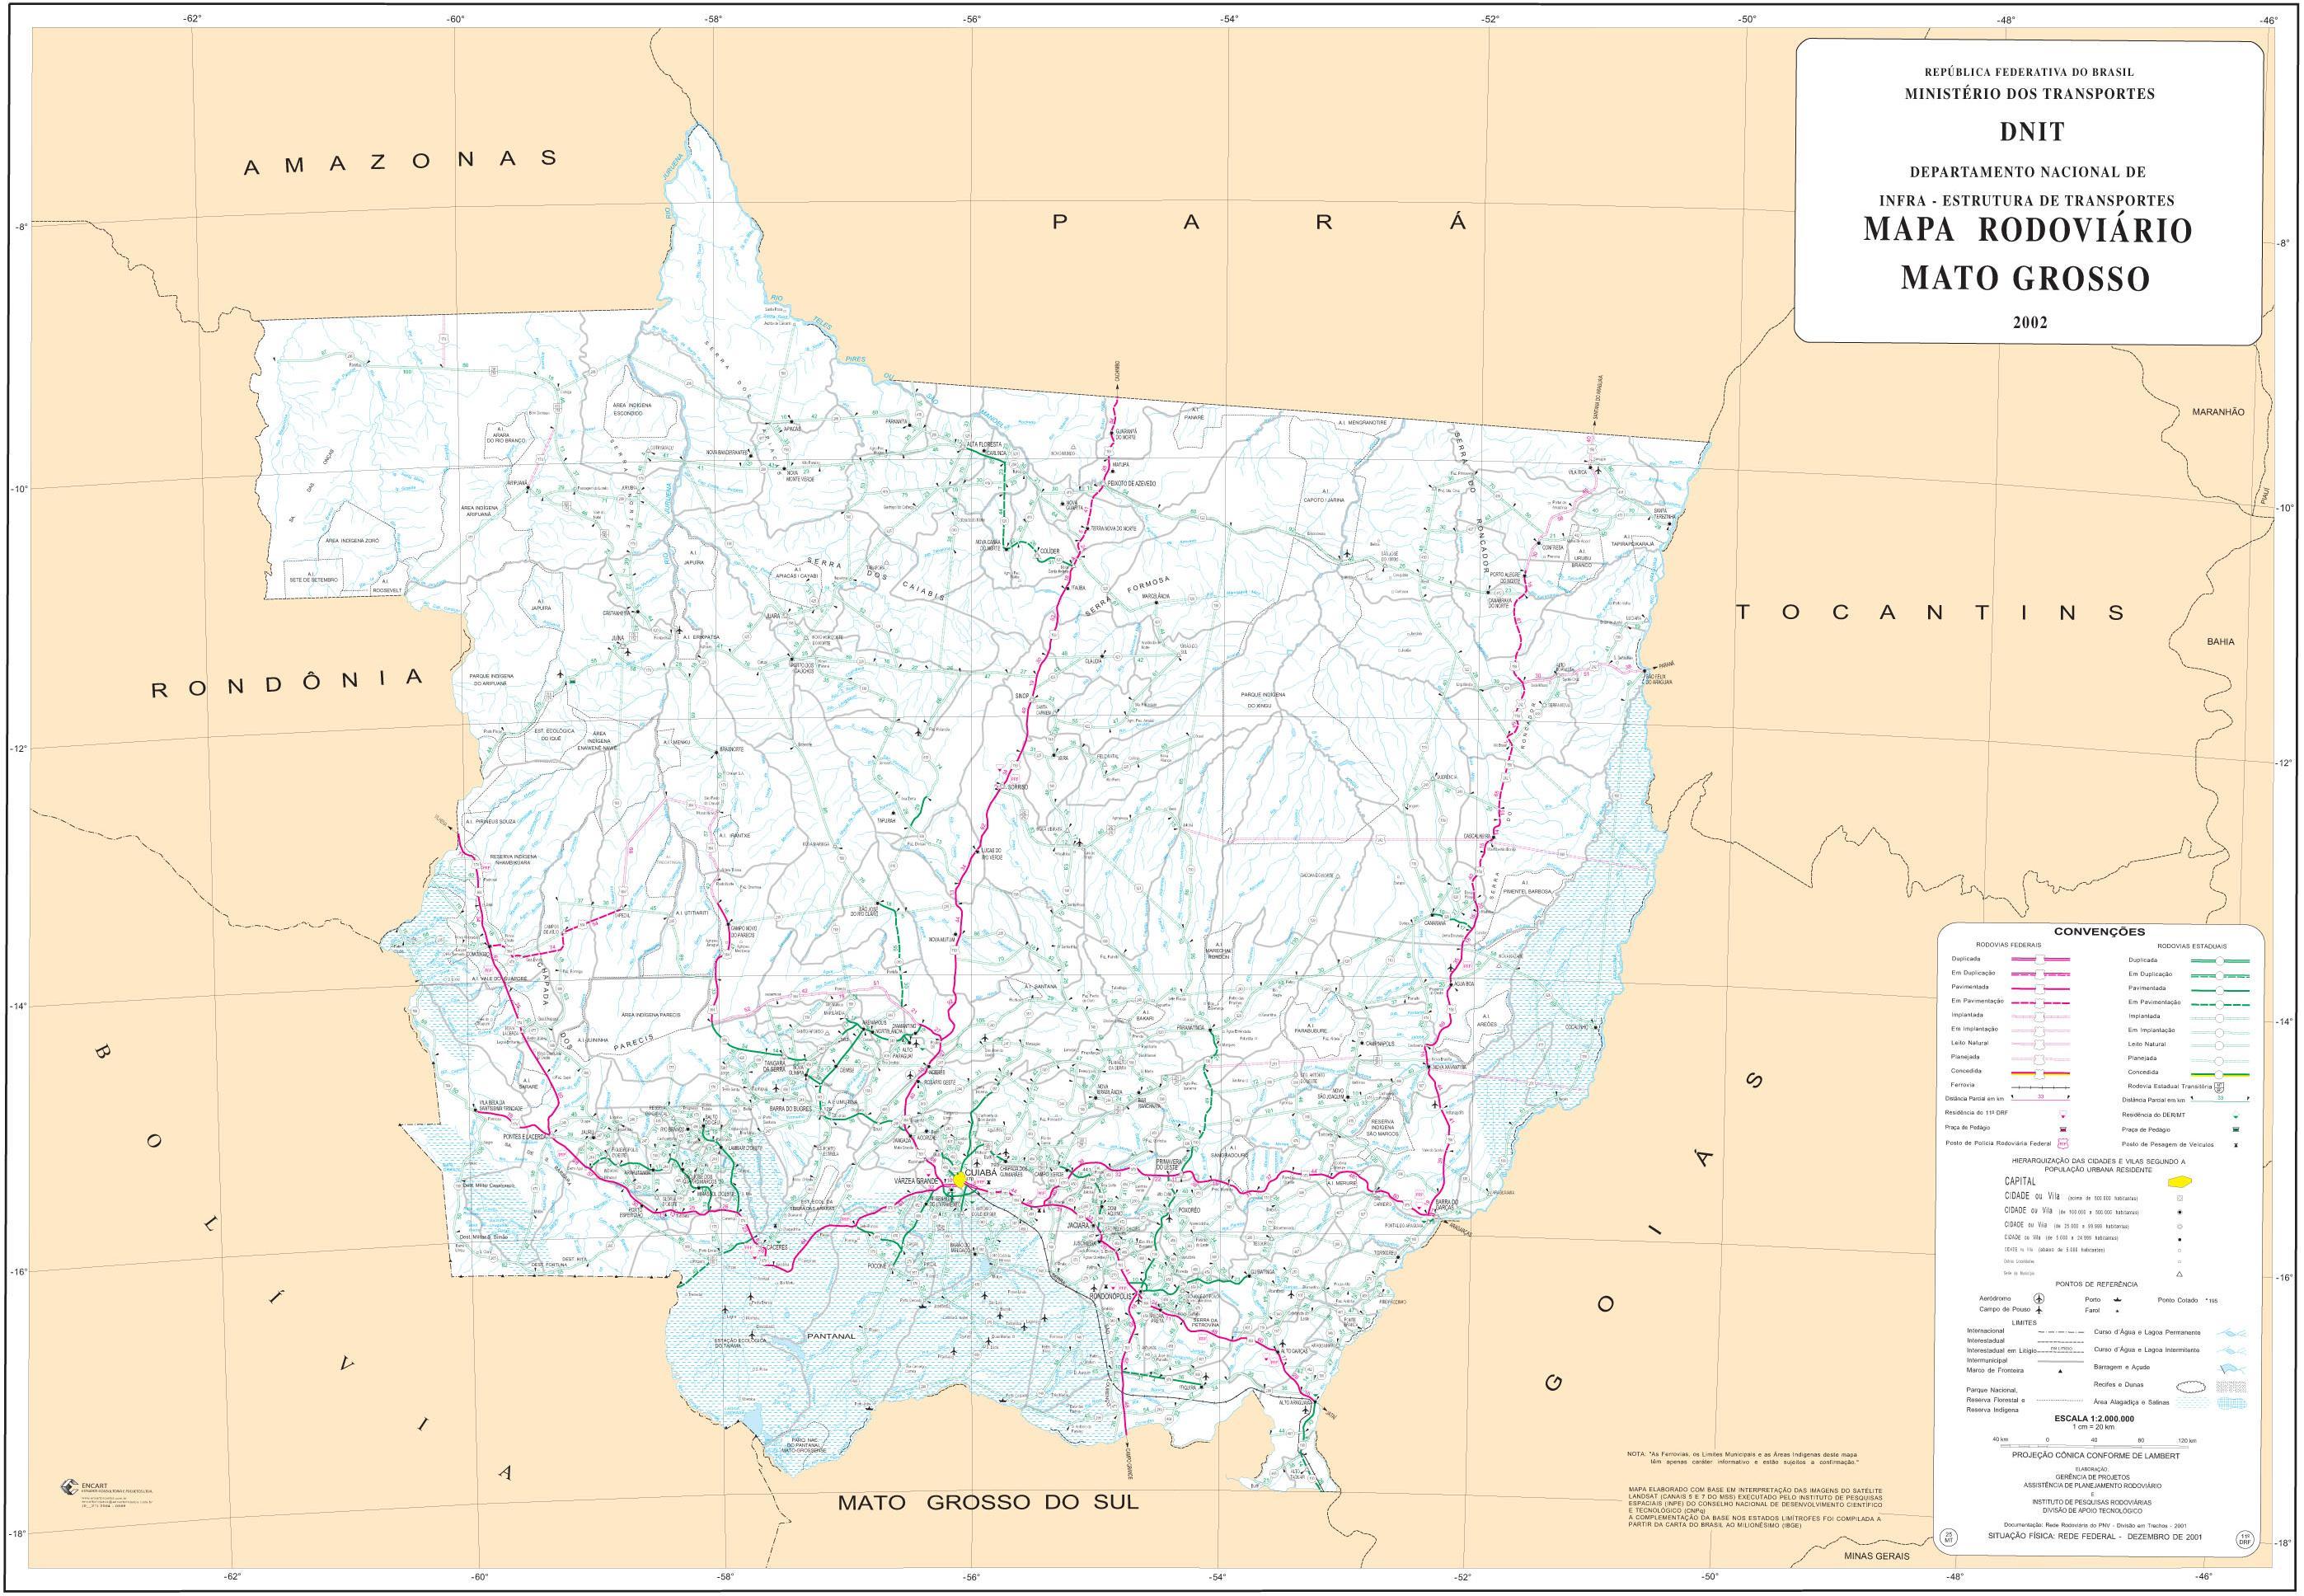 Mato Grosso State Road Map, Brazil